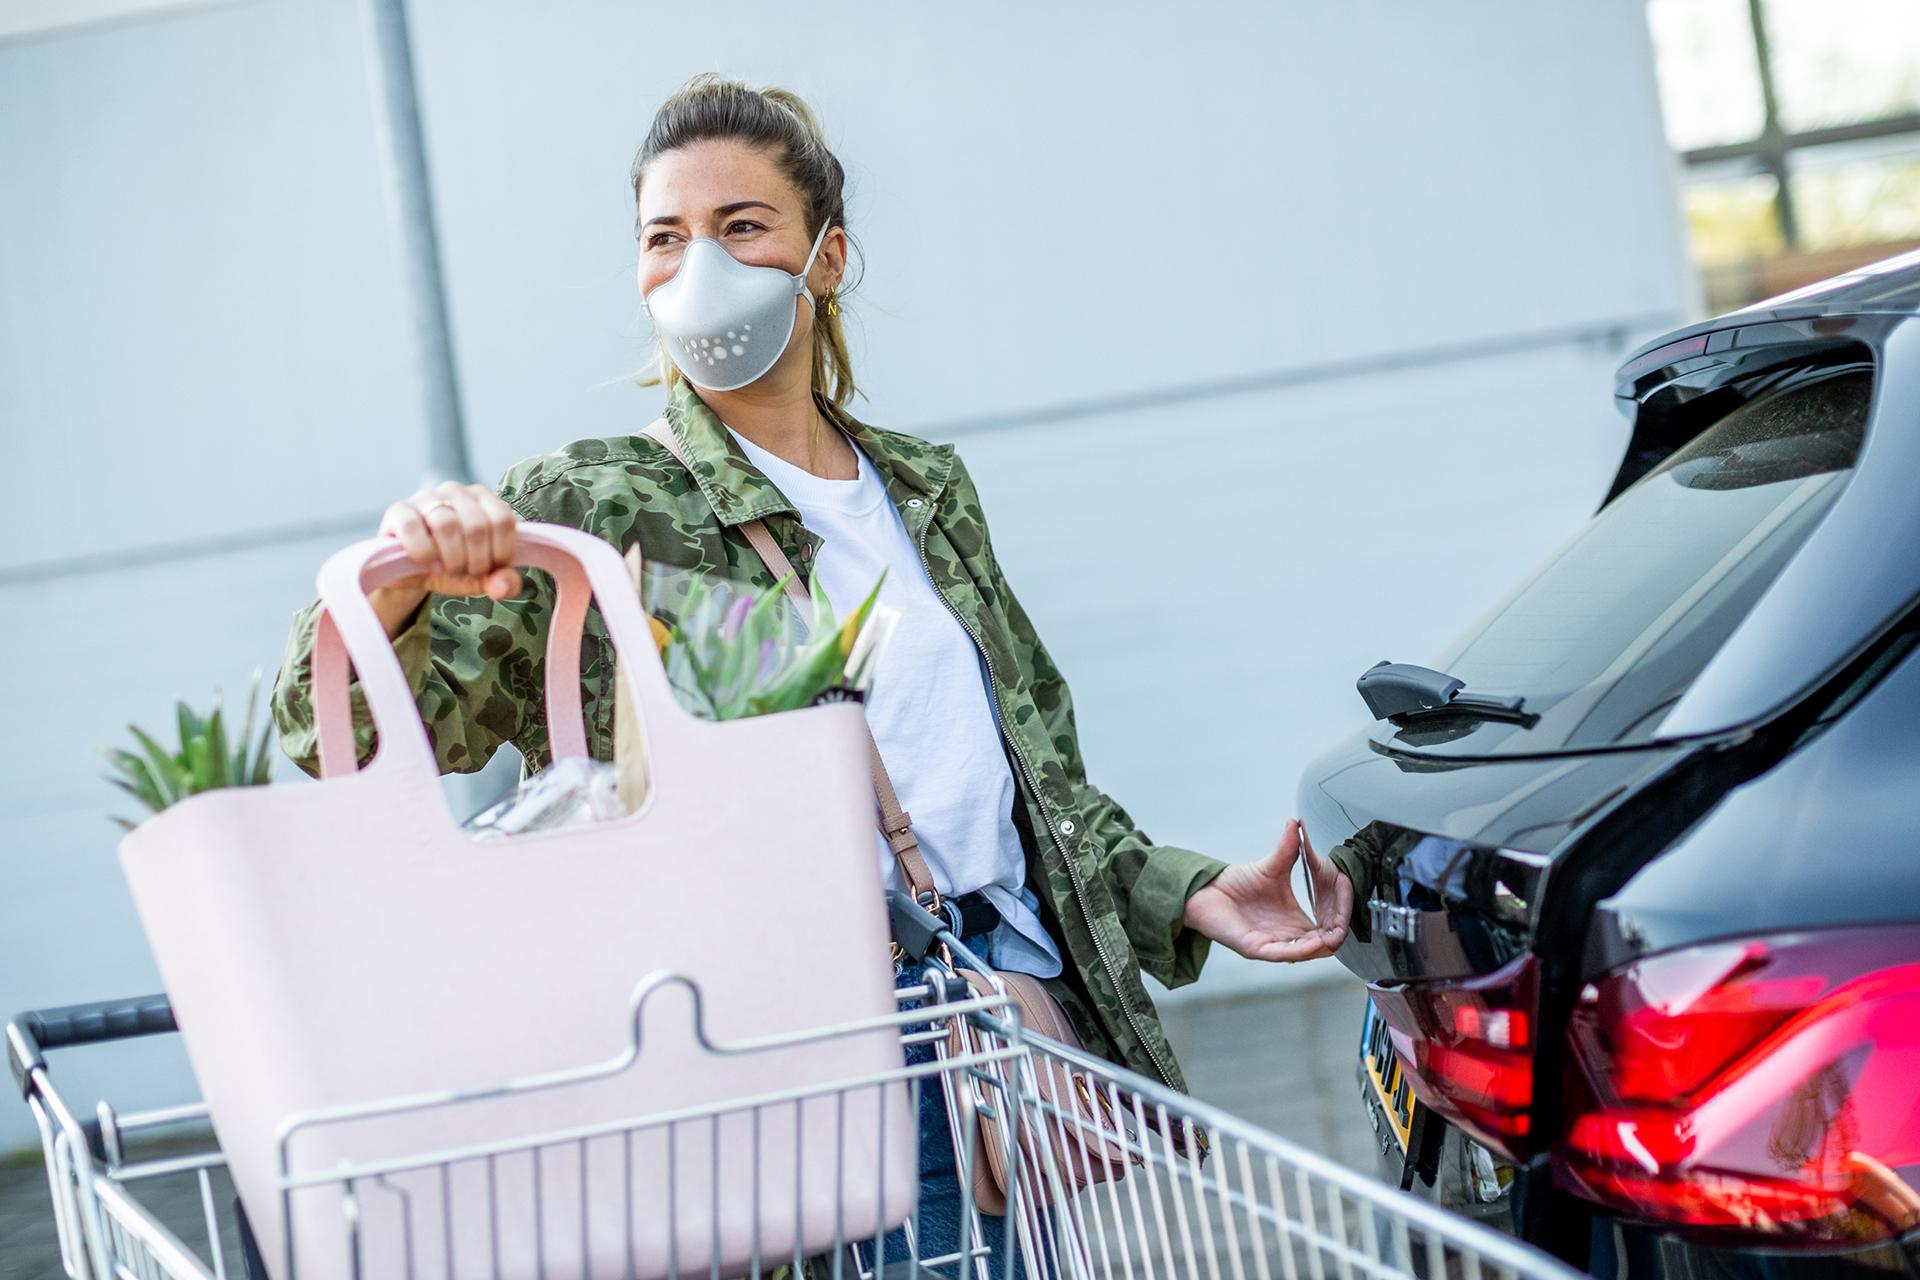 Auch beim Einkaufen musst du nun stets eine Gesichtsmaske tragen